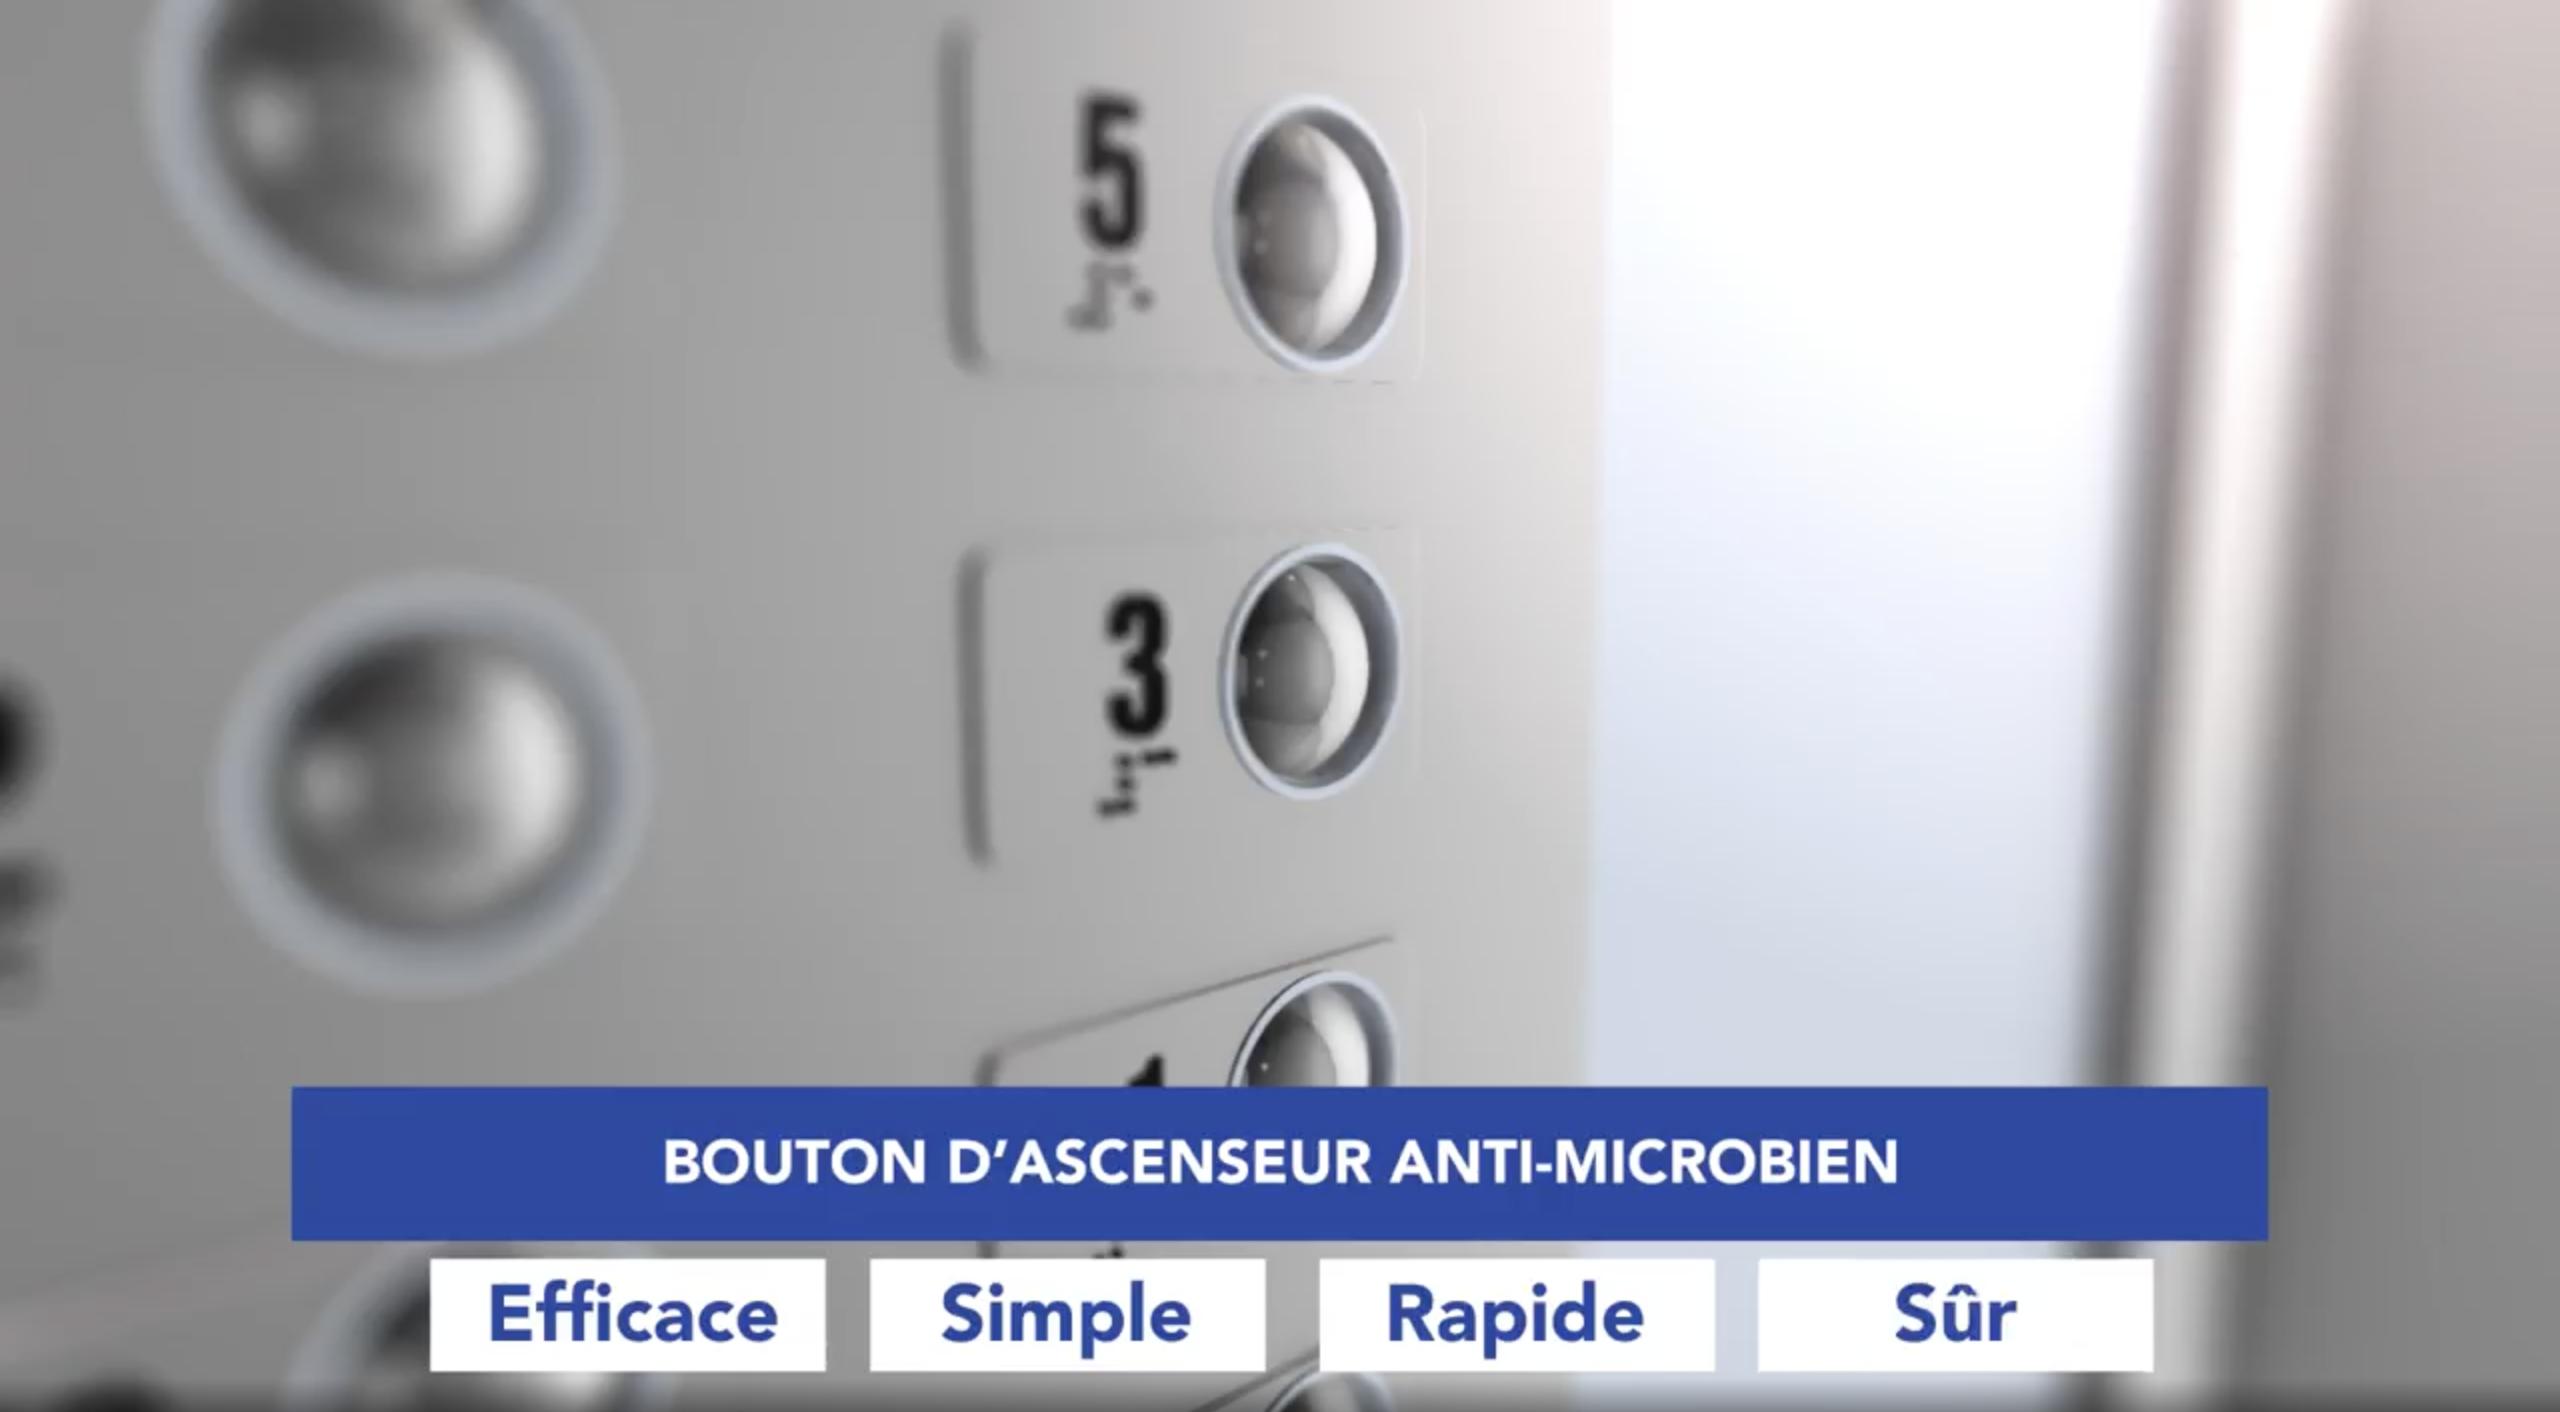 Optech participe à un projet novateur de bouton d'ascenseur antibactérien